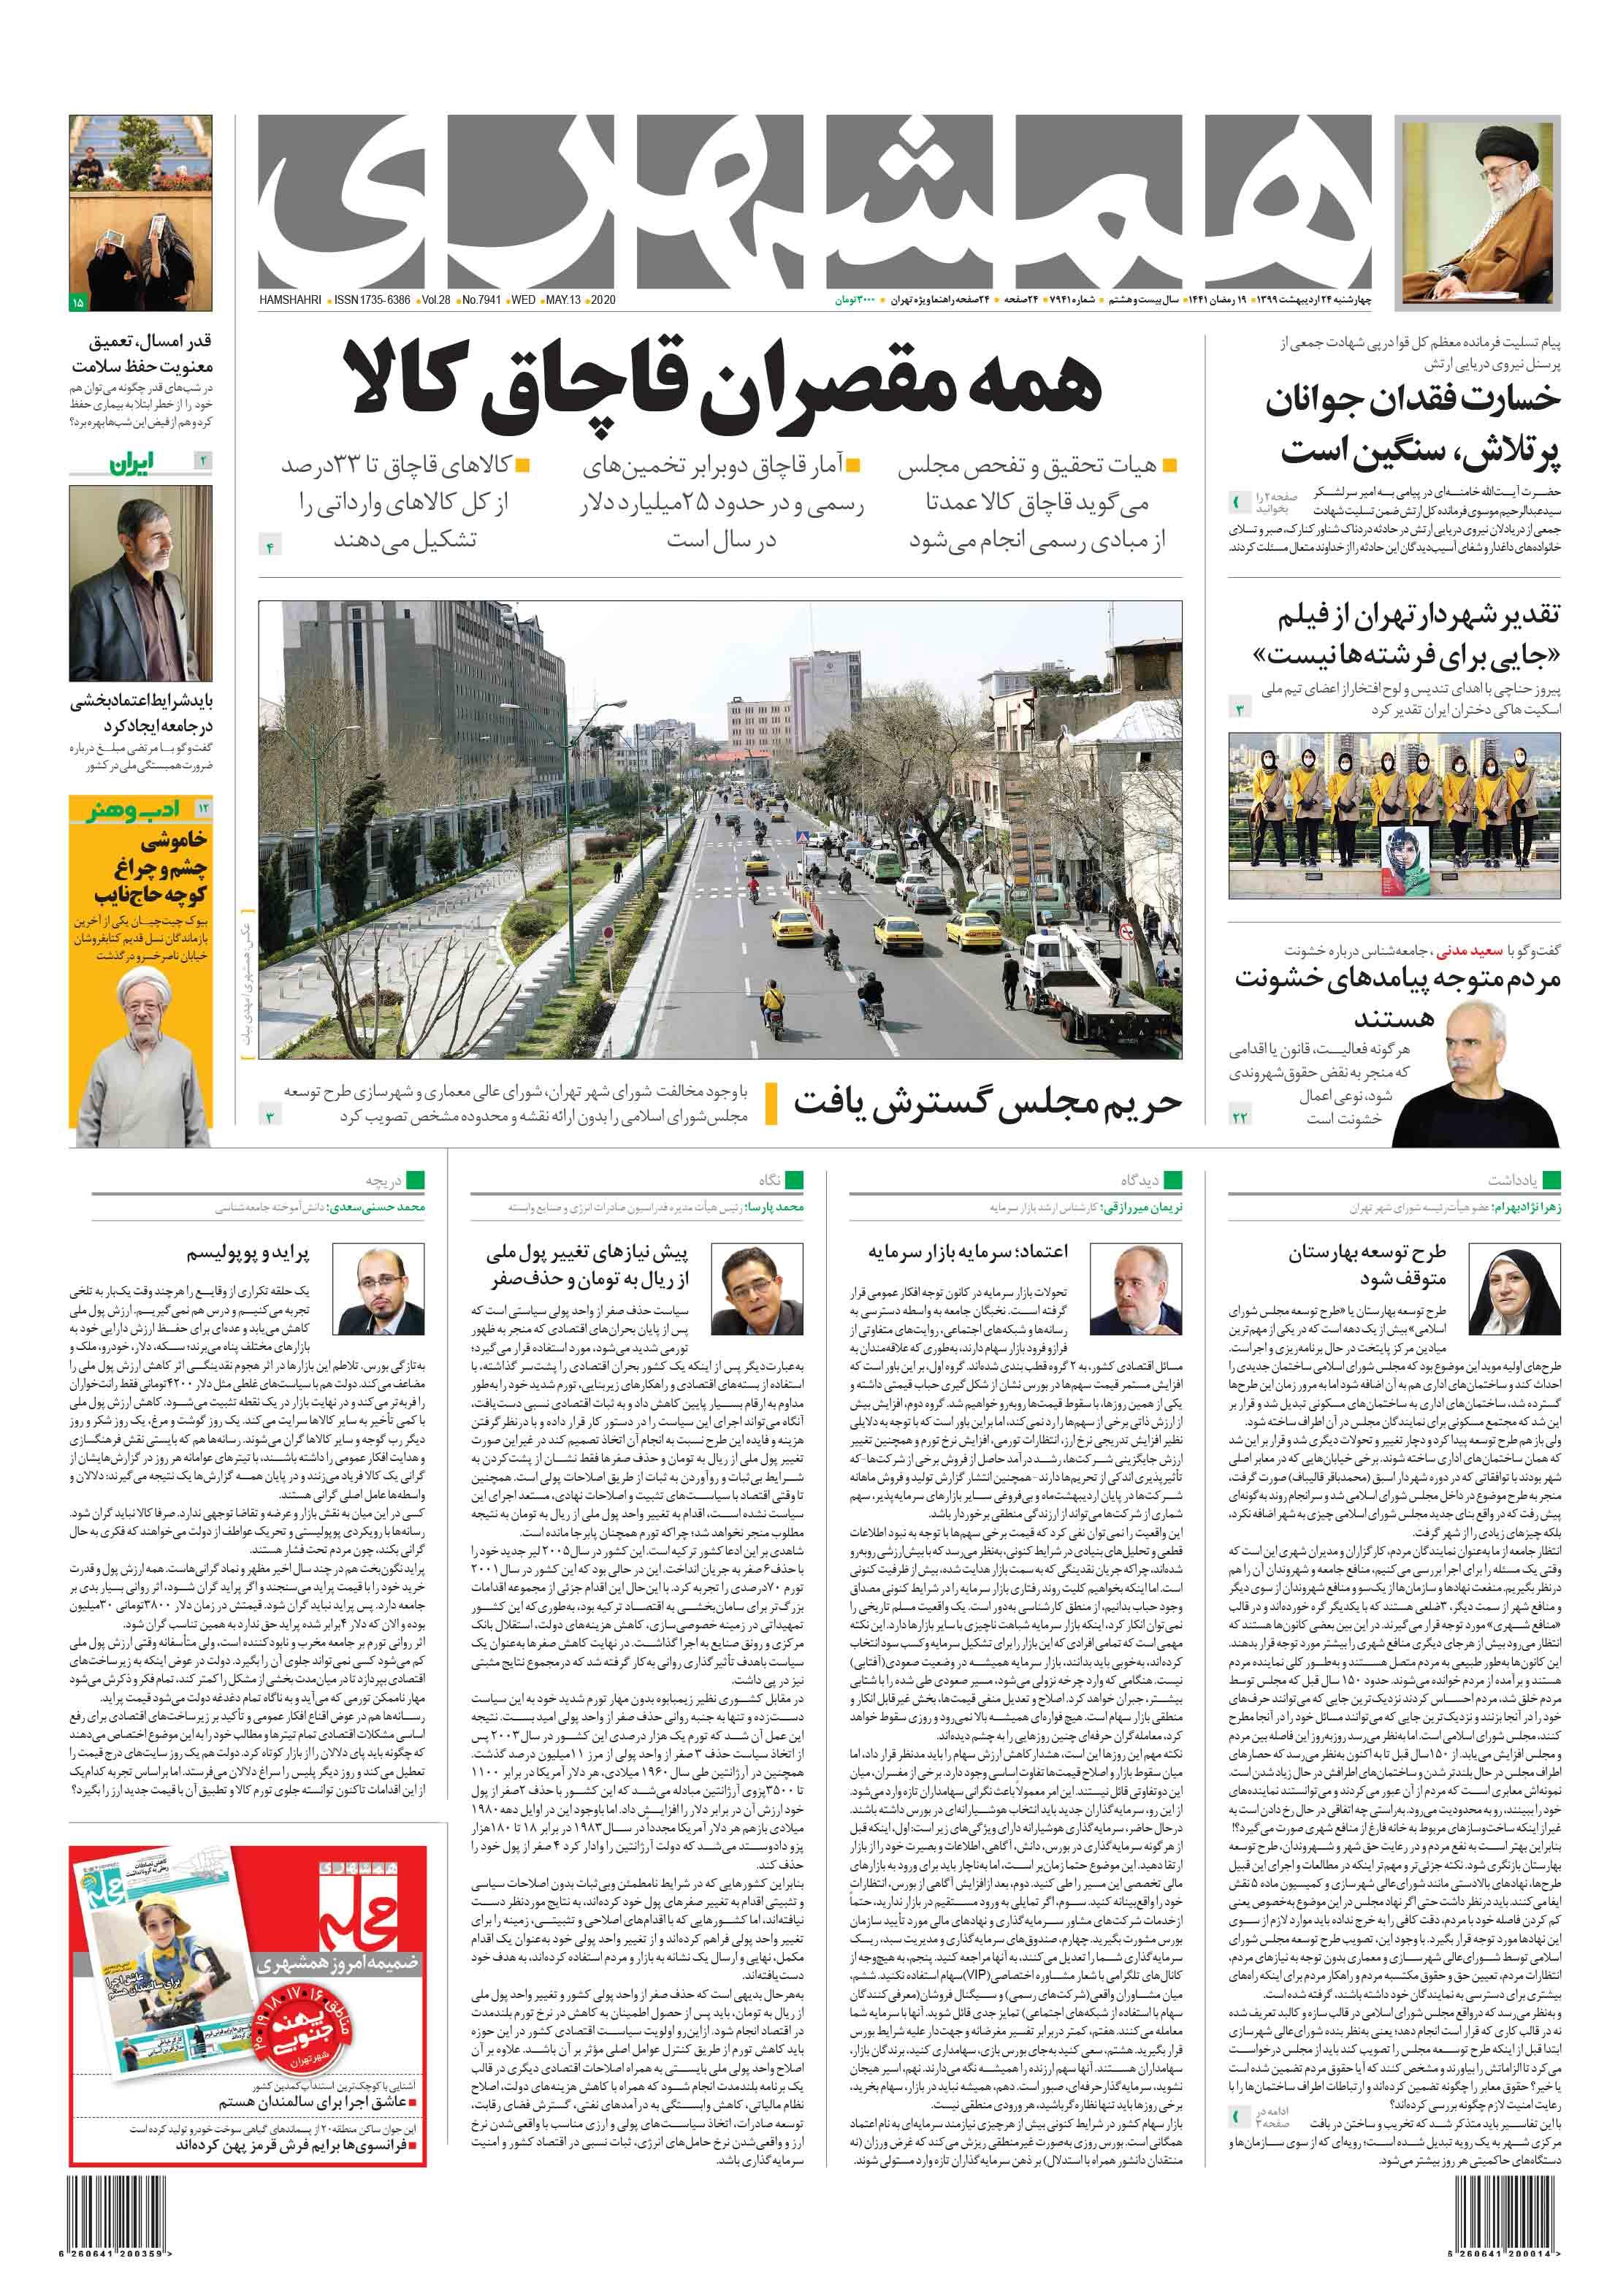 صفحه اول چهارشنبه 24 اردیبهشت 1399